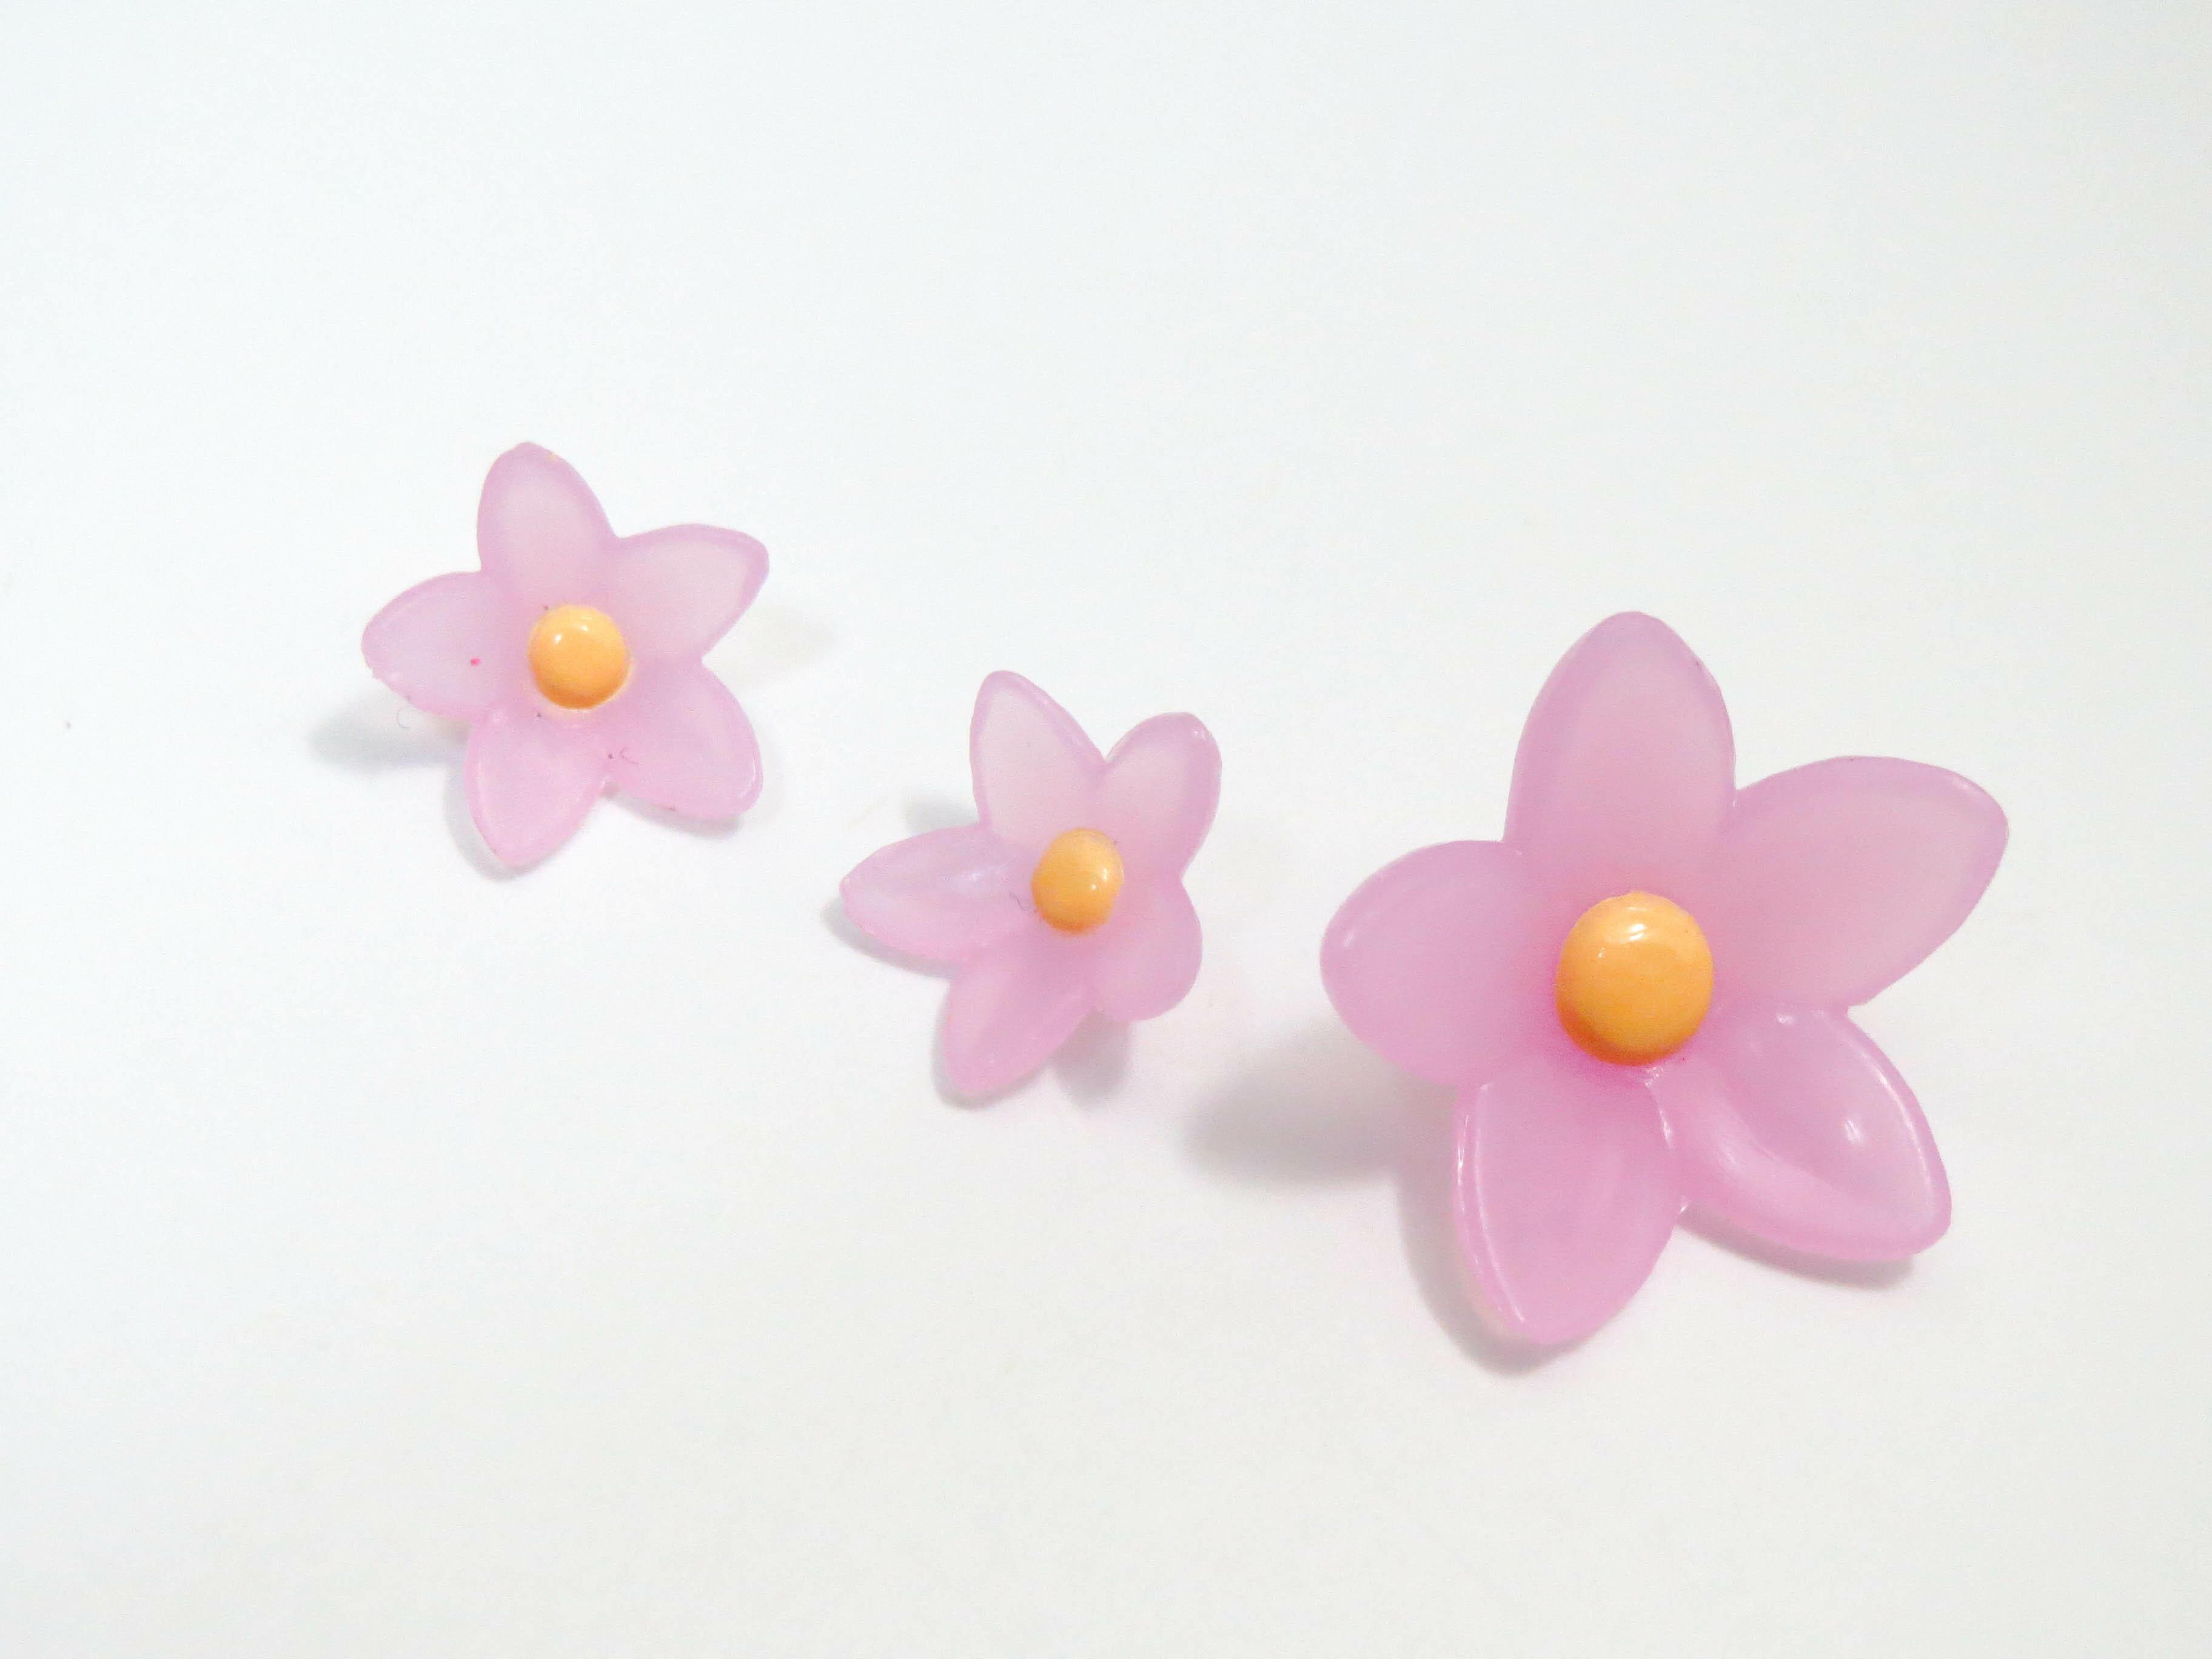 再入荷【970-DX】 マーリン 花の魔術師Ver.  小物パーツ お花 ねんどろいど